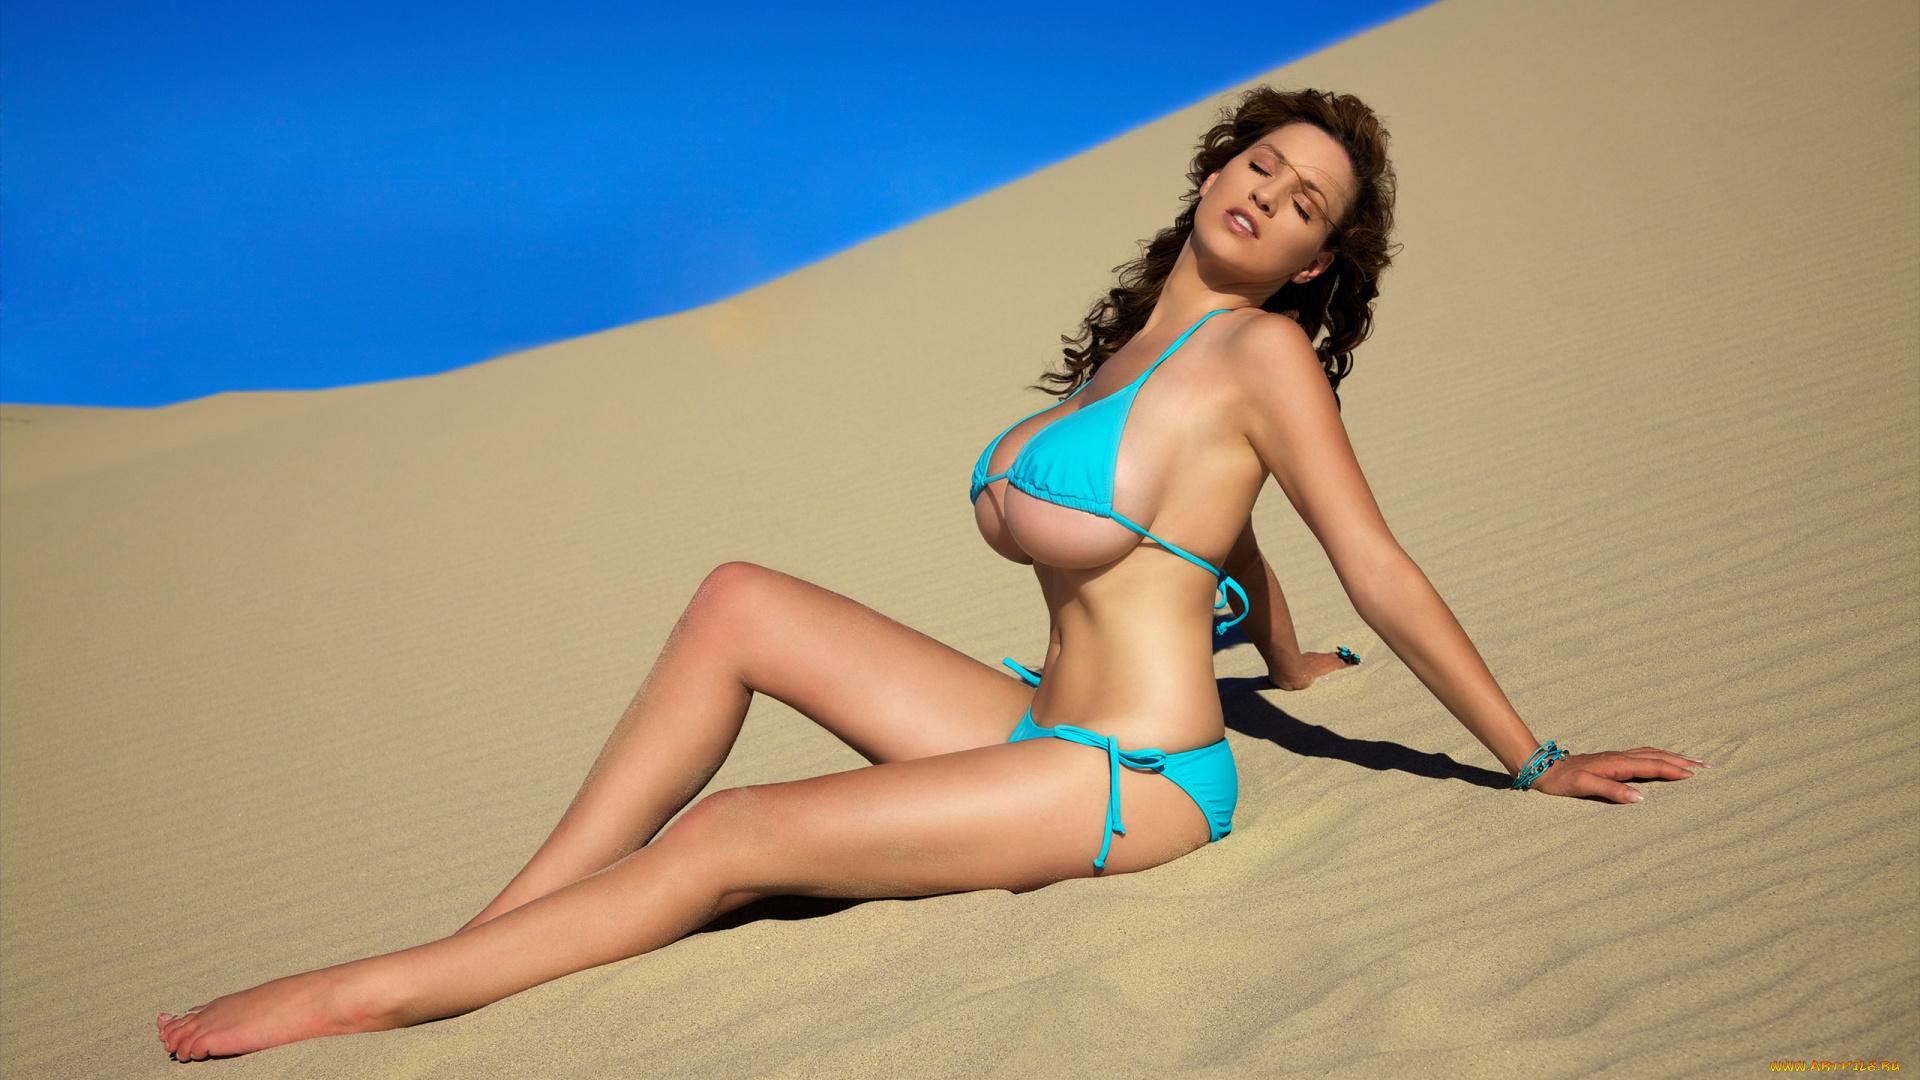 Смотреть грудастые девушки на пляже и с, Секс на пляже - подборка порно видео. Коллекция секс 9 фотография